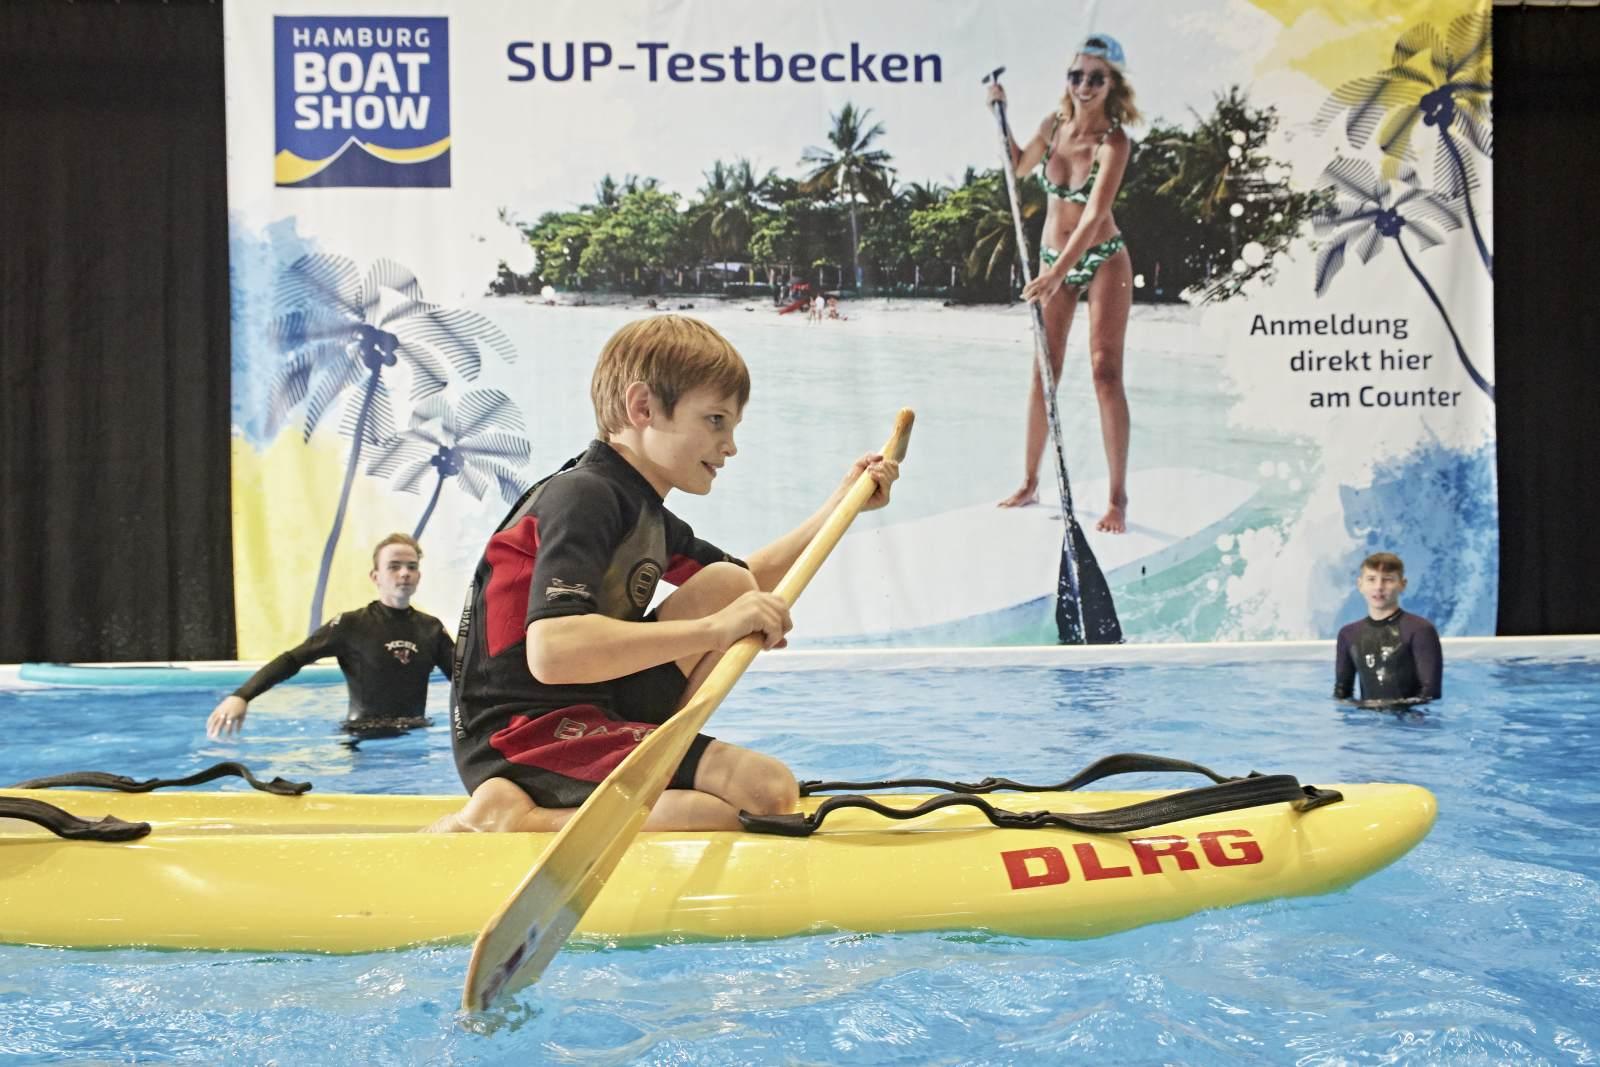 Nicht nur Klein, auch Groß kann Wassersportausrüstung auf der Messe ausprobieren.